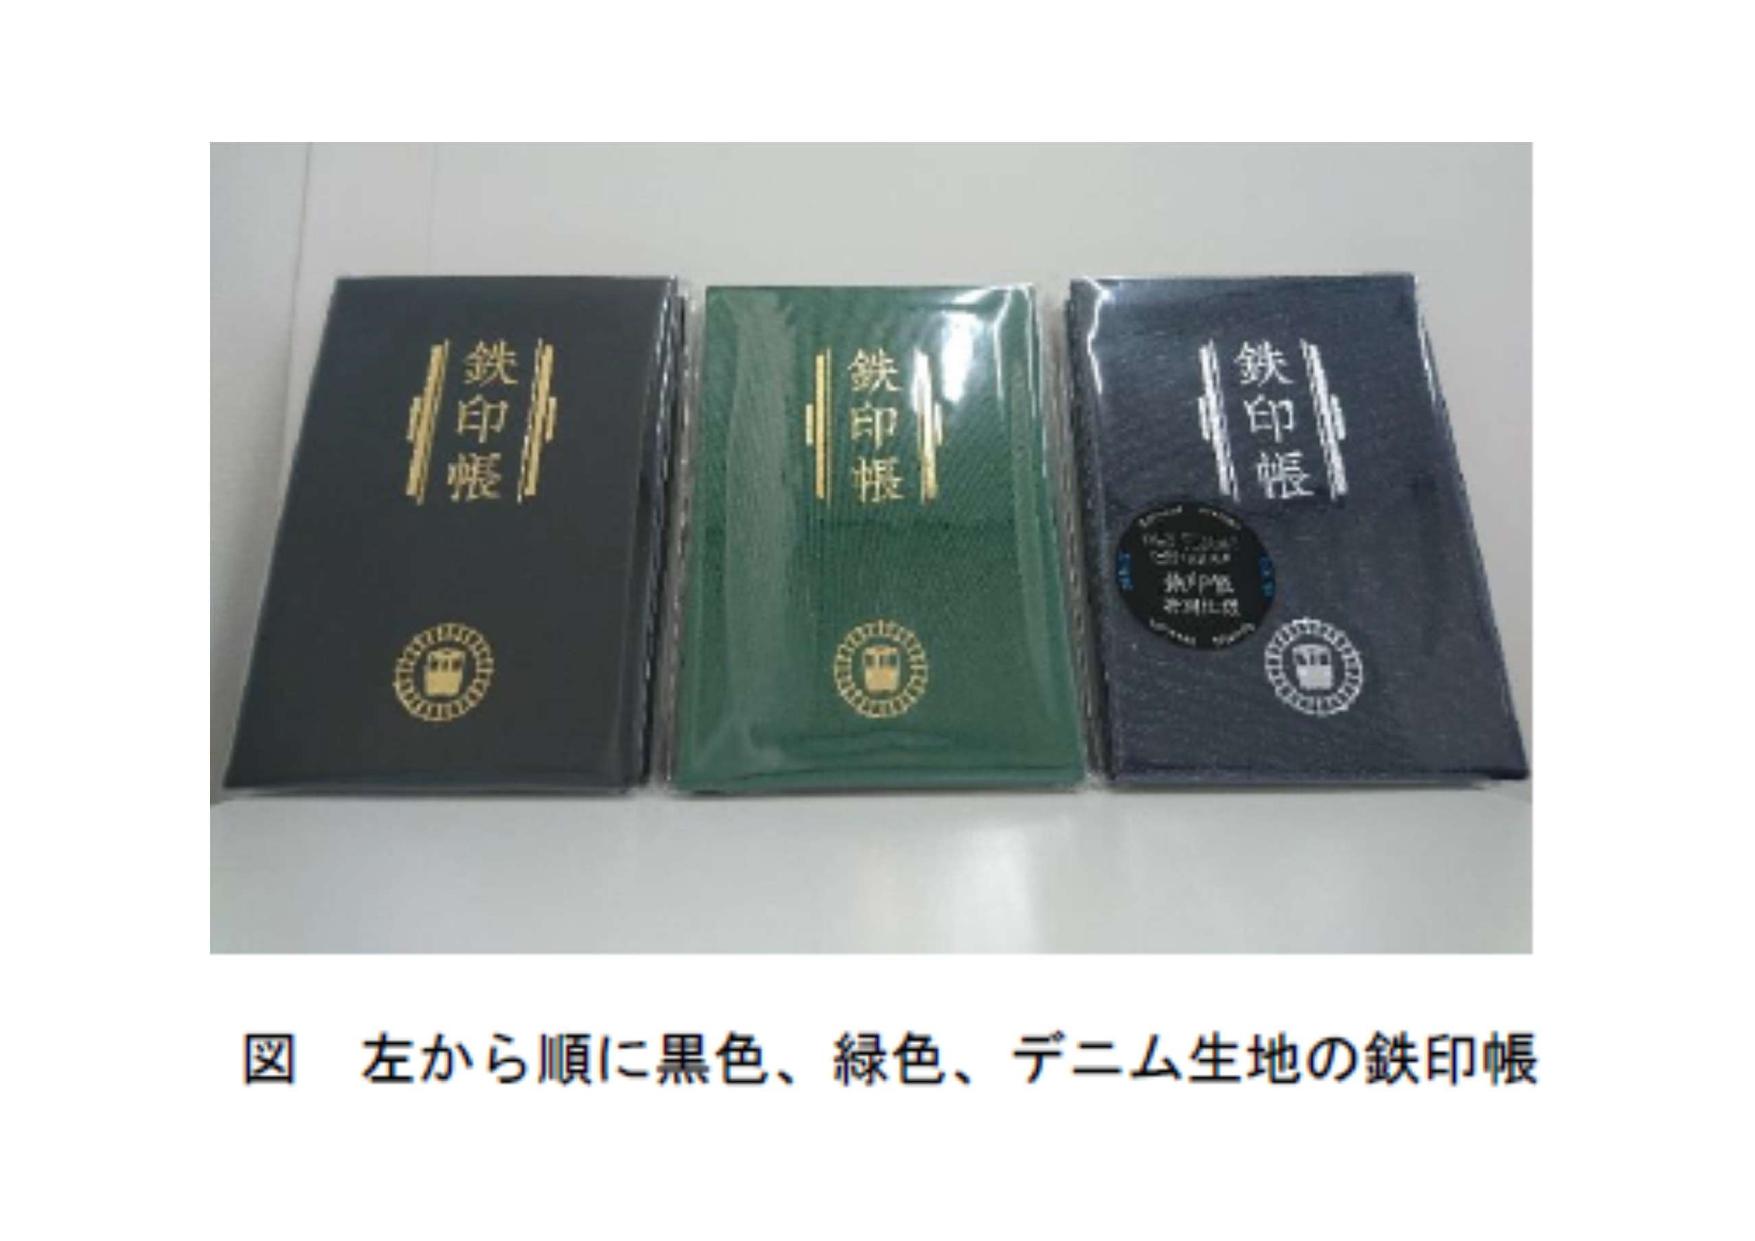 限定鉄印帳の再発売について 【IGRいわて銀河鉄道】